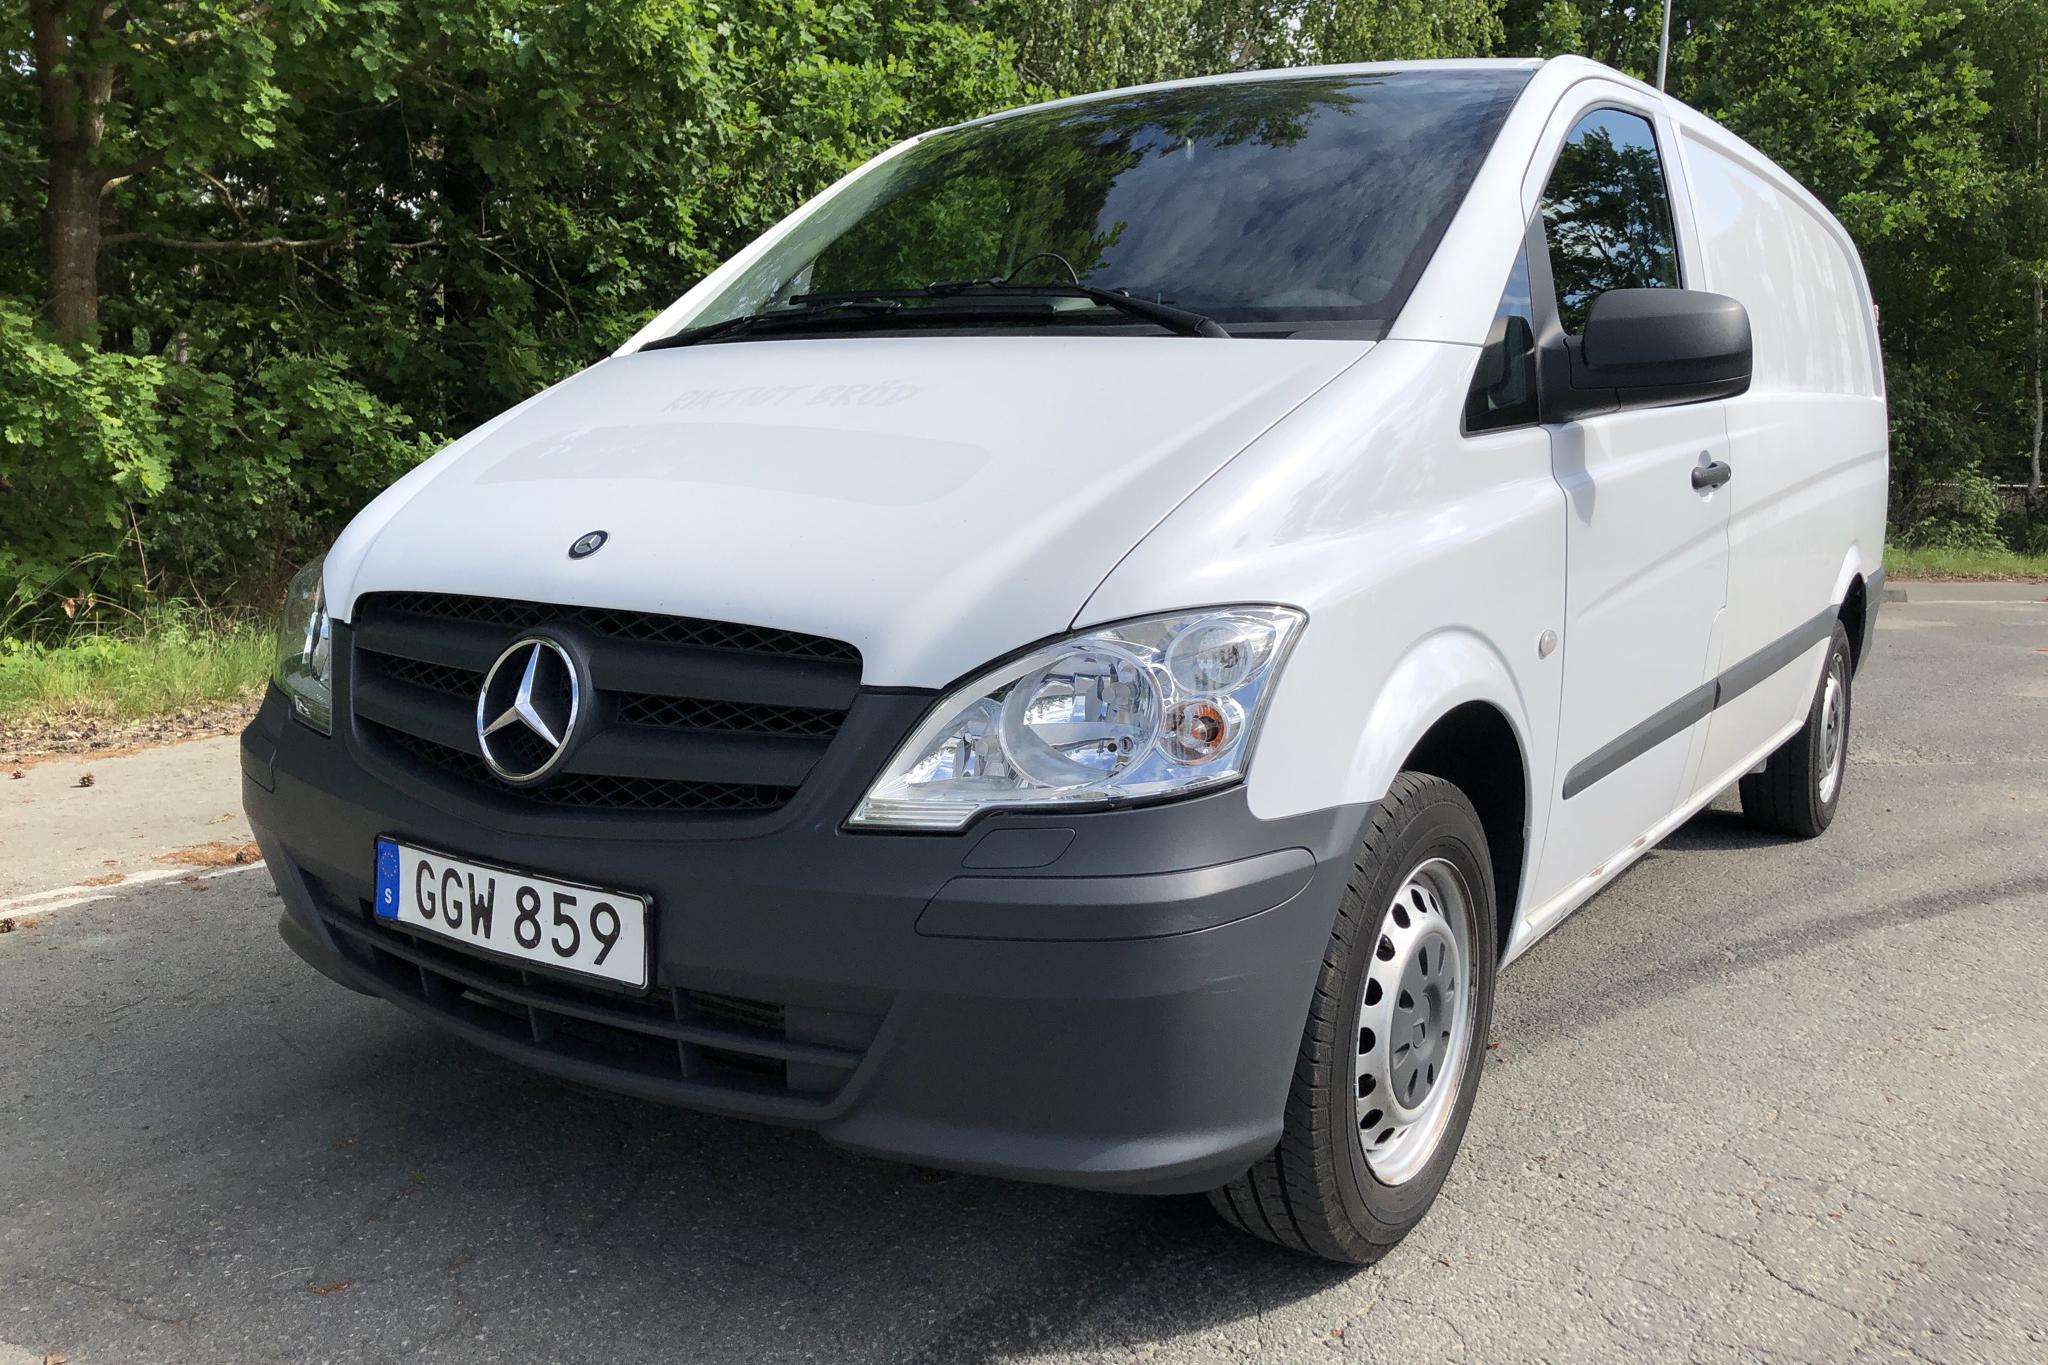 Mercedes Vito 113 CDI W639 (136hk)